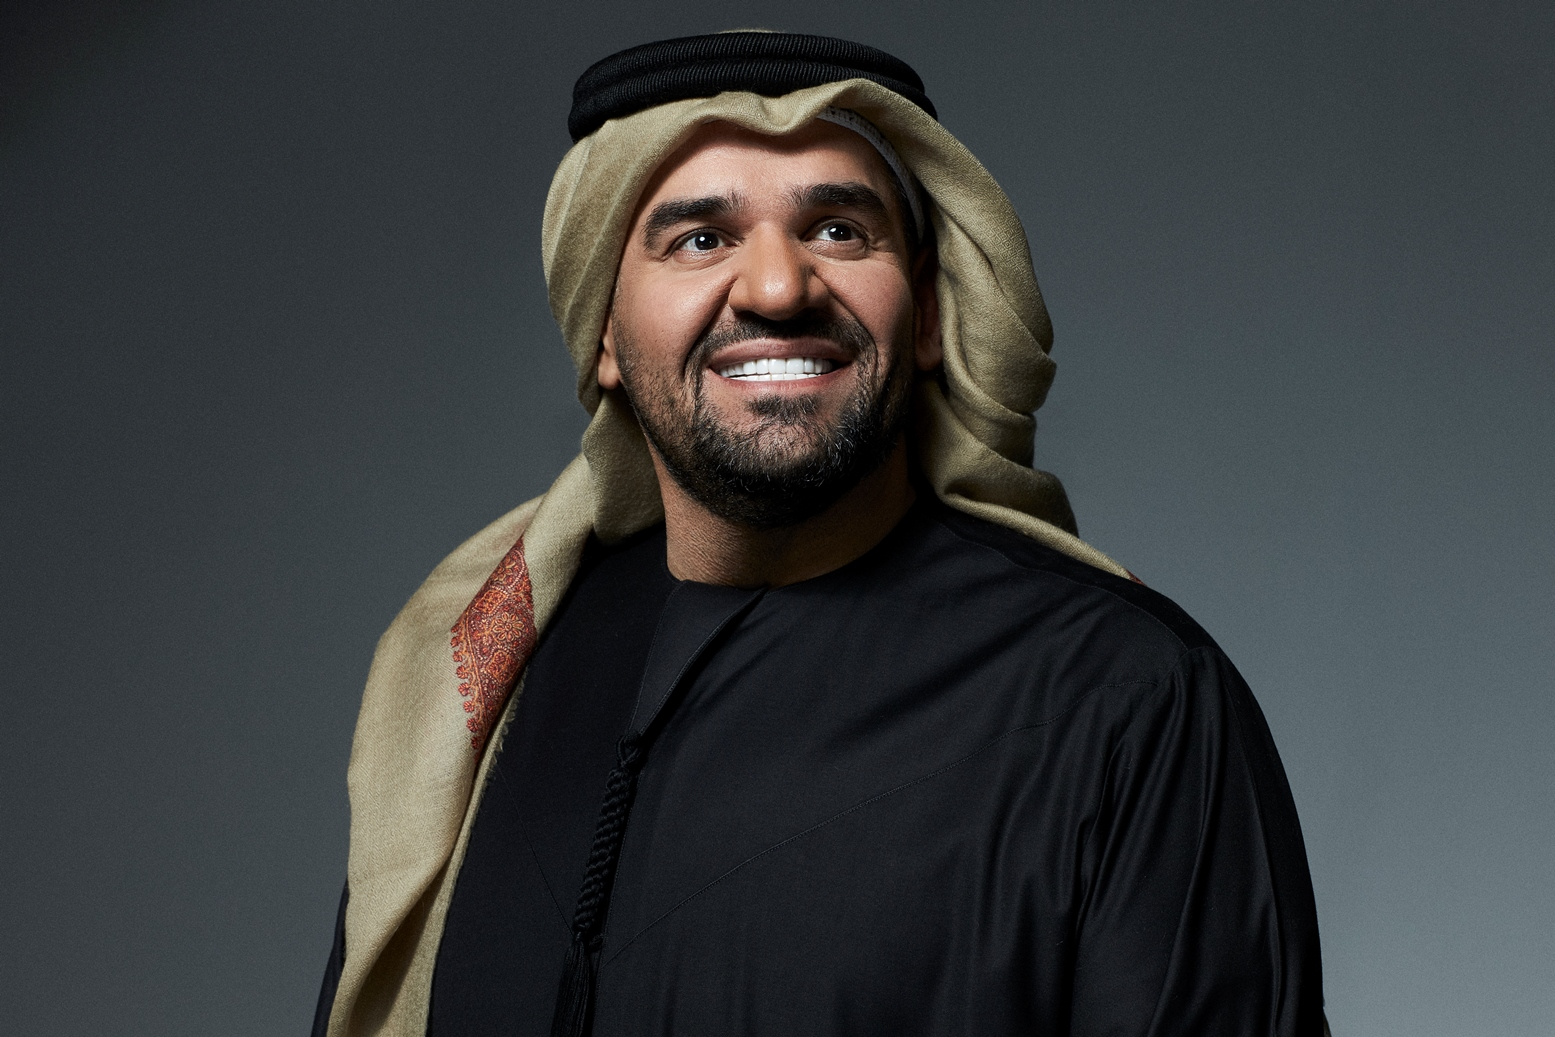 الفنان المحبوب حسين الجسمي